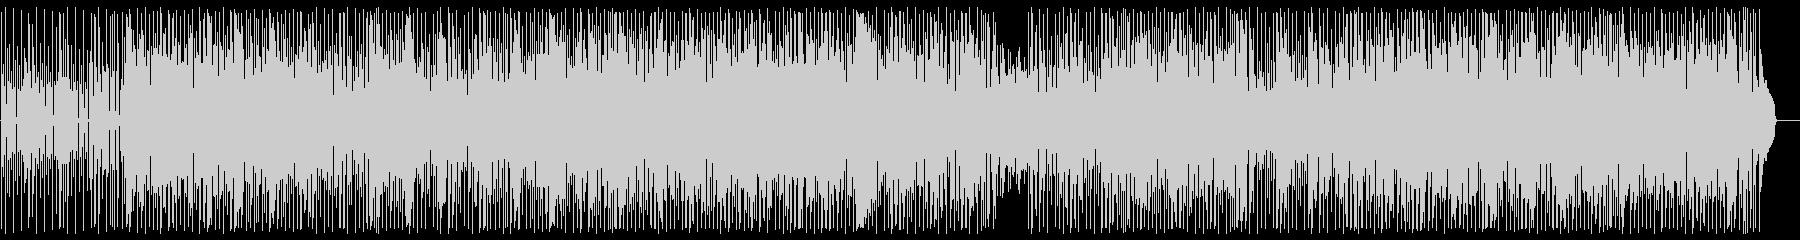 スネアの効いたシンセサイザーの曲の未再生の波形